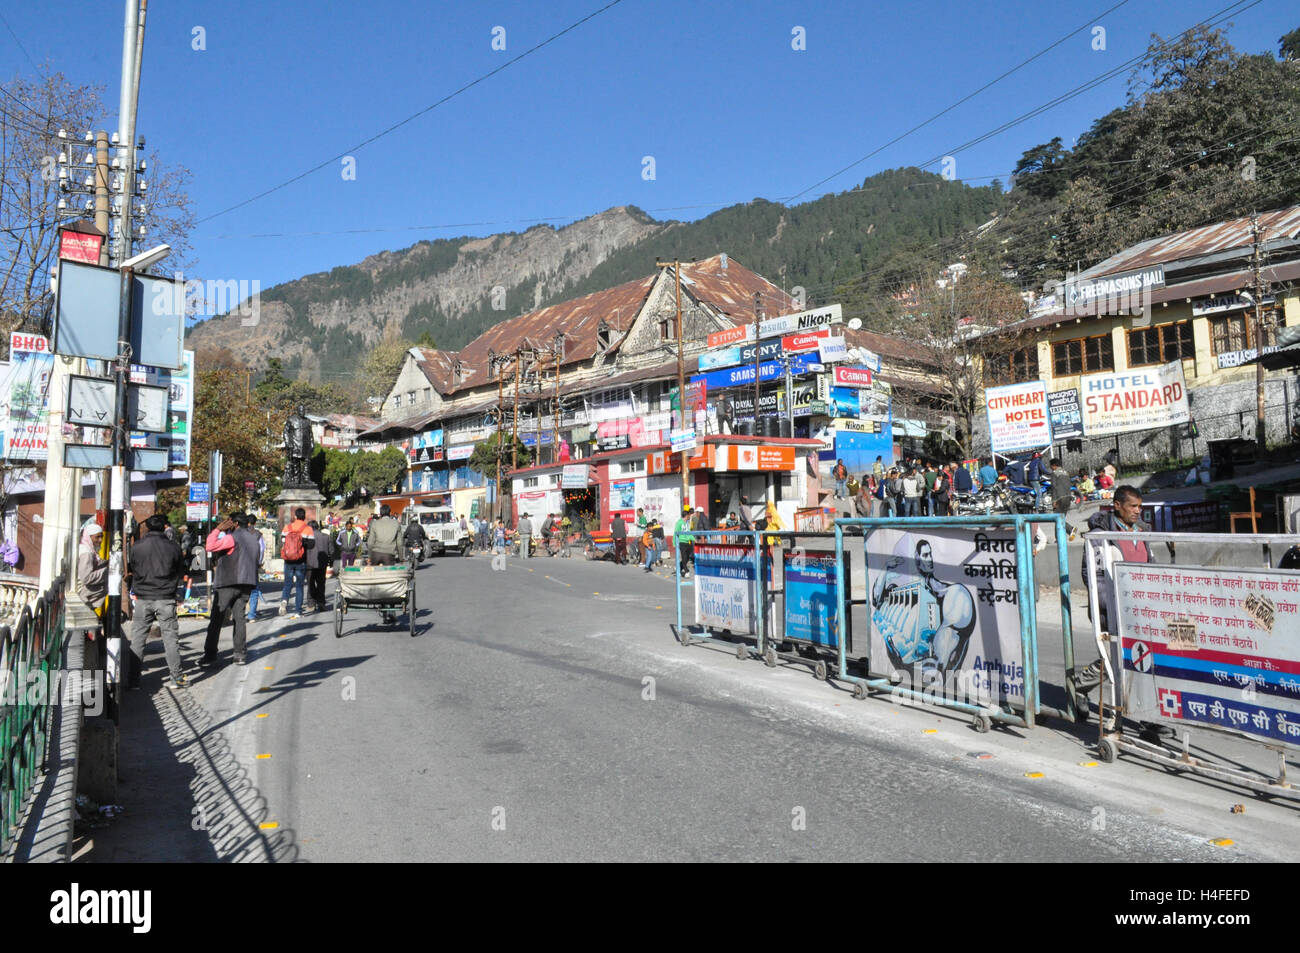 Nainital, Uttarakhand, India- December 5, 2015:  Market place at Riksha Stand, Mallital, Nainital, Uttarakhand, - Stock Image